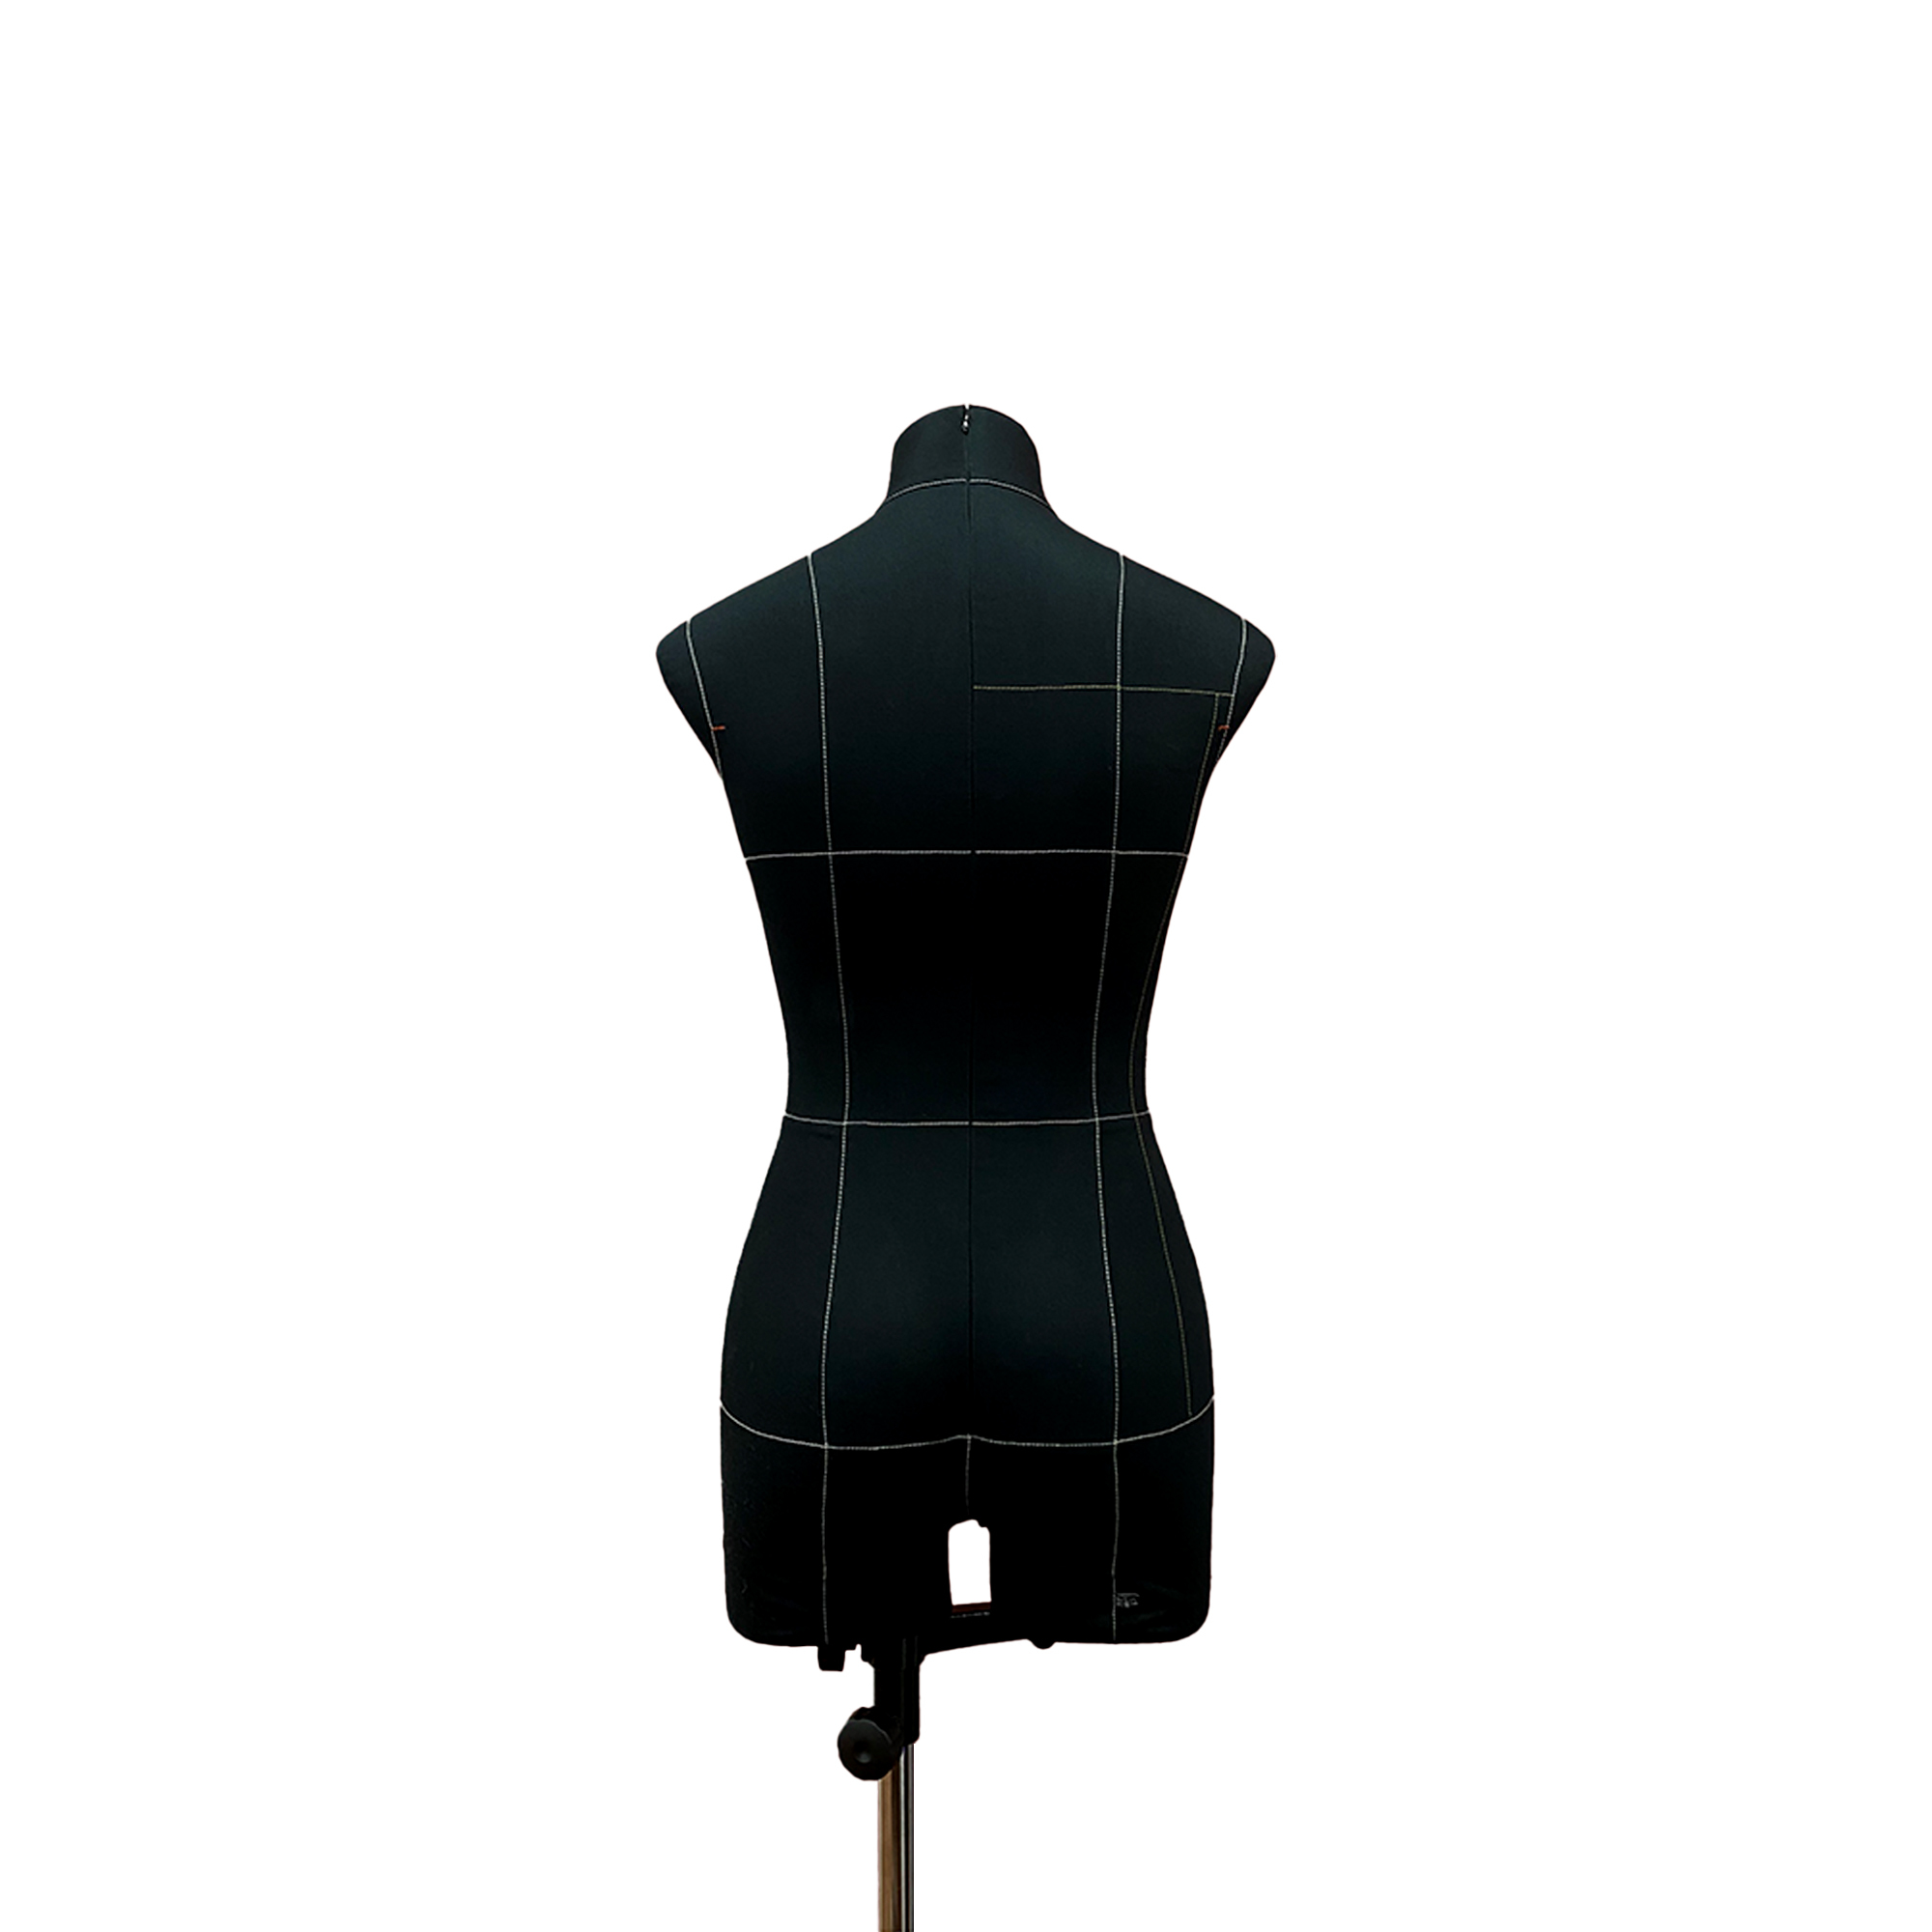 Манекен портновский Моника, комплект Про, размер 44, тип фигуры Прямоугольник, черныйФото 2